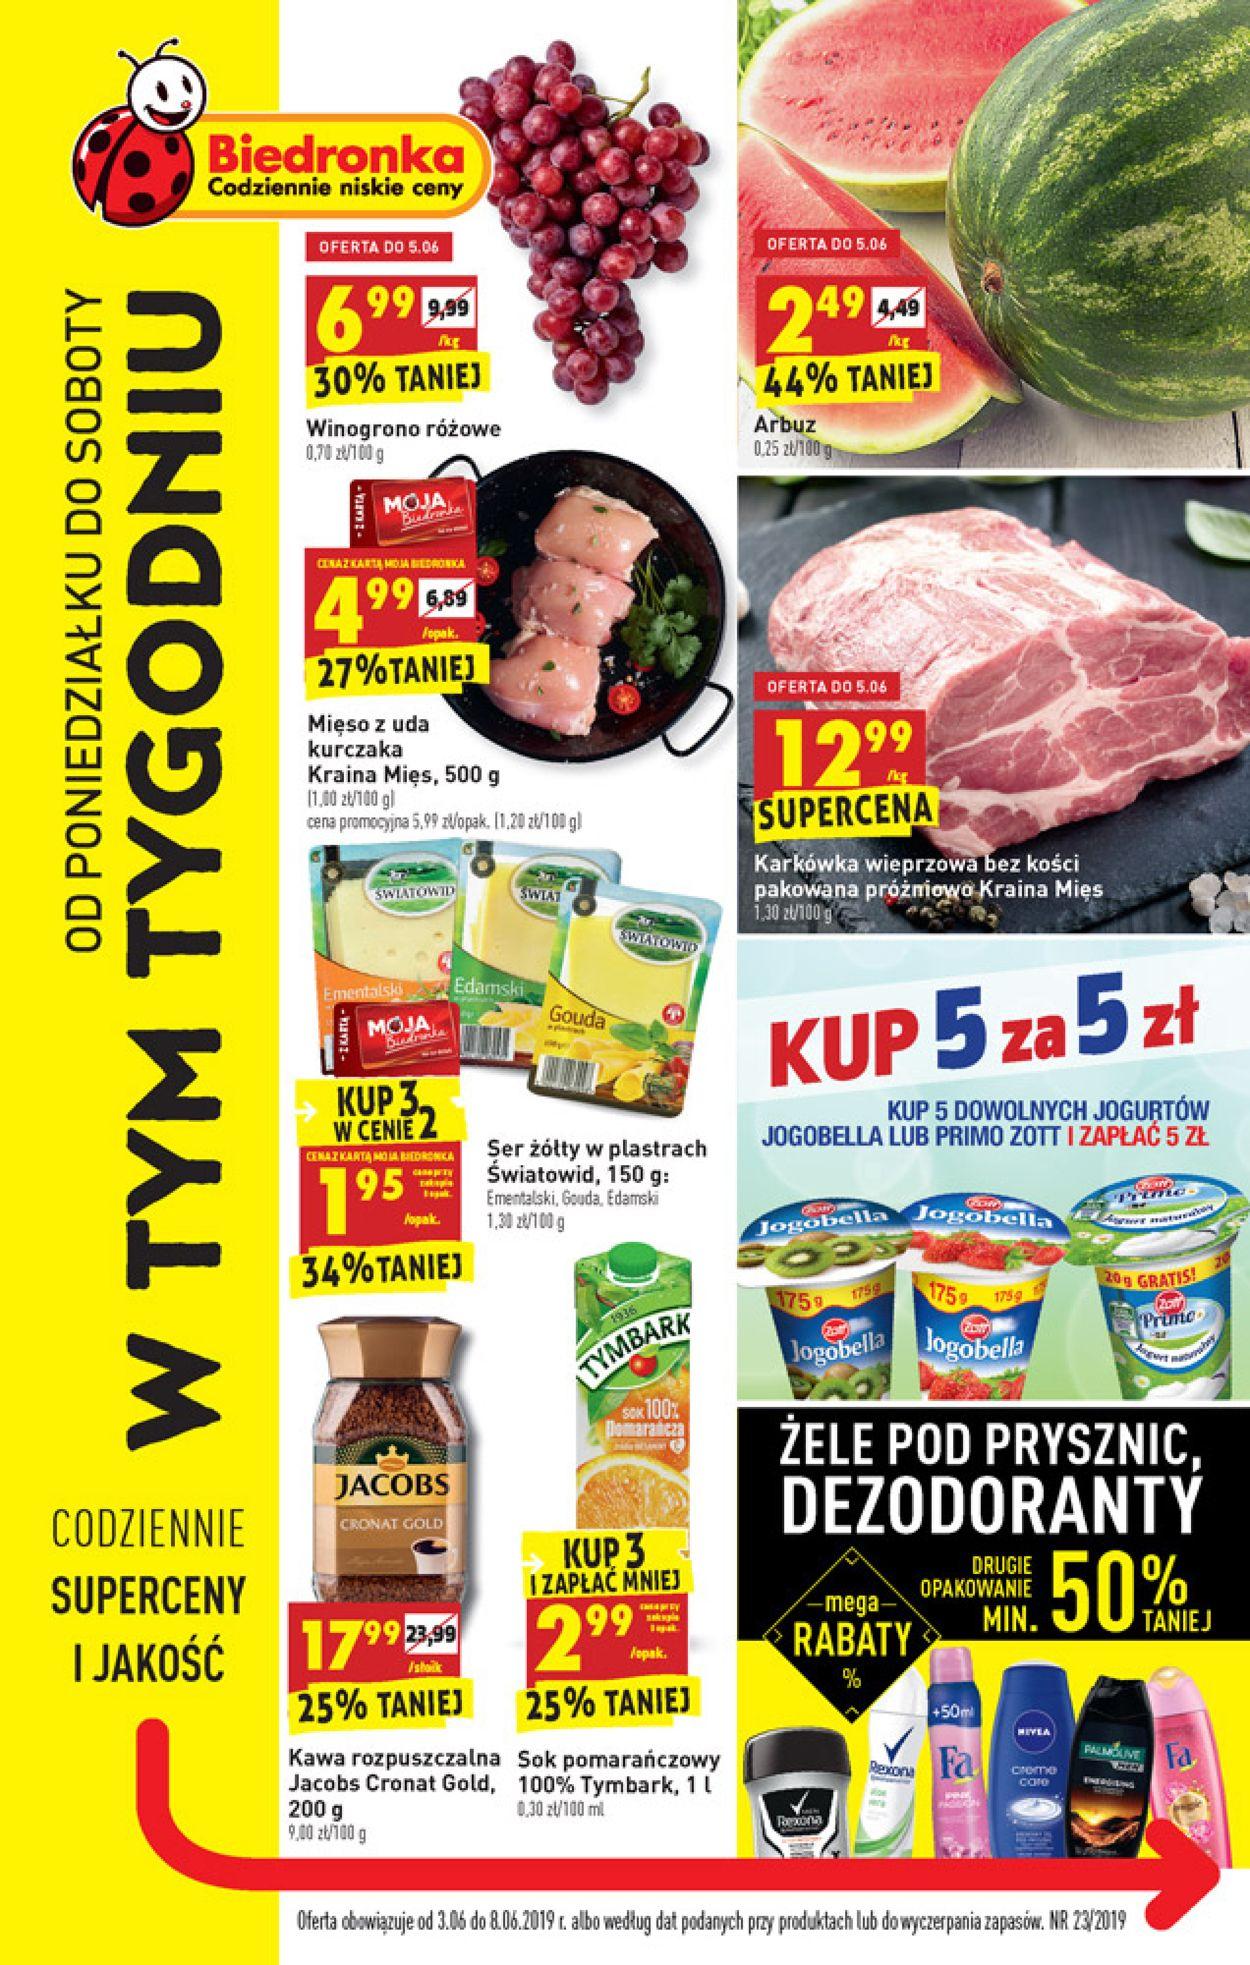 Gazetka promocyjna Biedronka - 03.06-08.06.2019